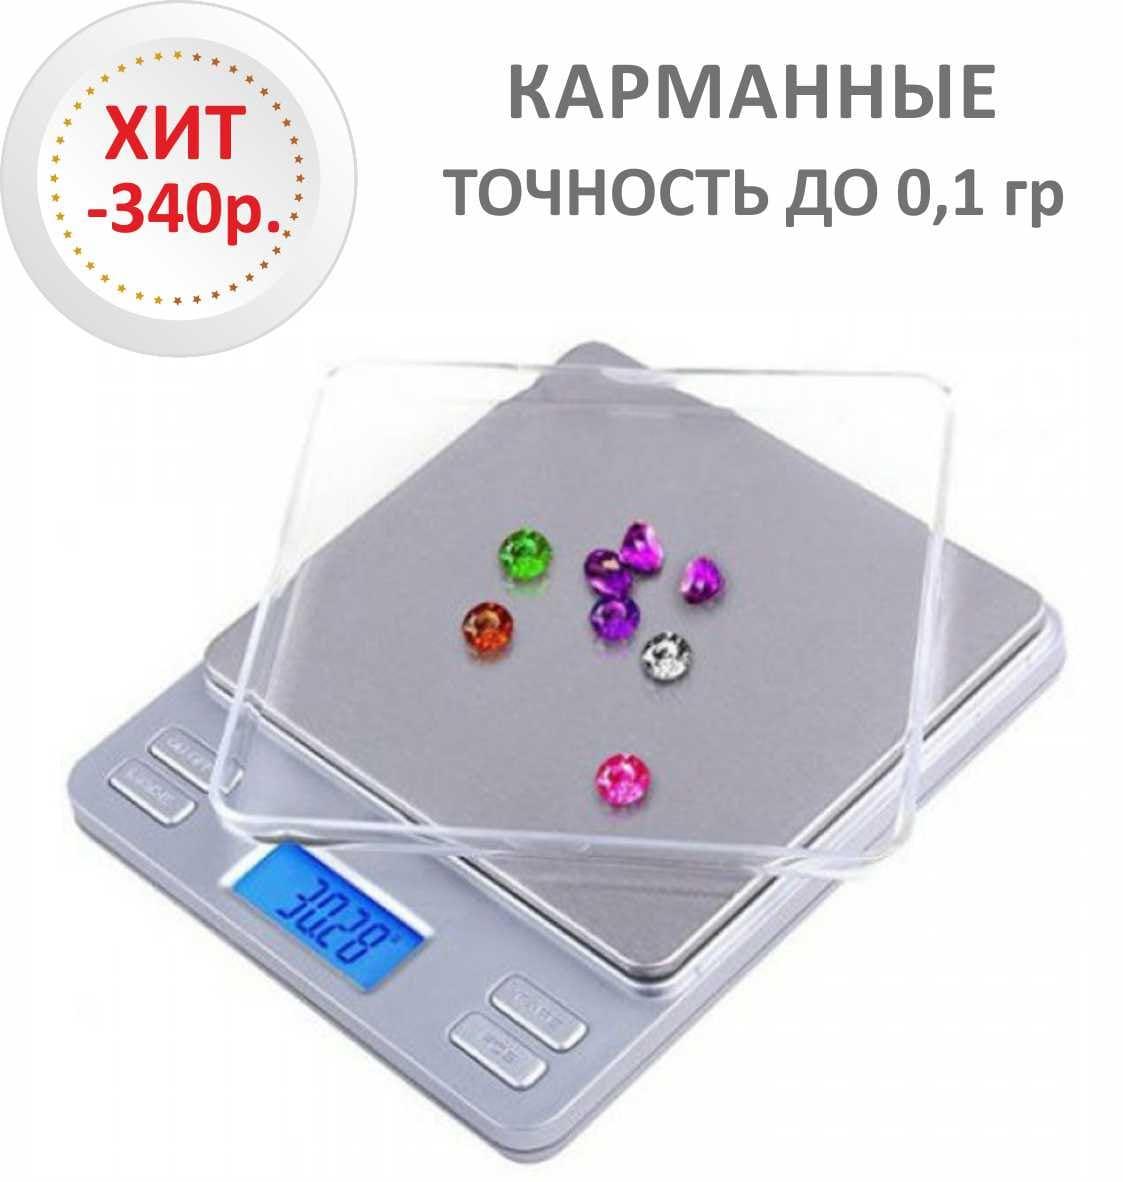 Весы ювелирные карманные/портативные M-ETP FLAT 2000.1 LCD - вид спереди